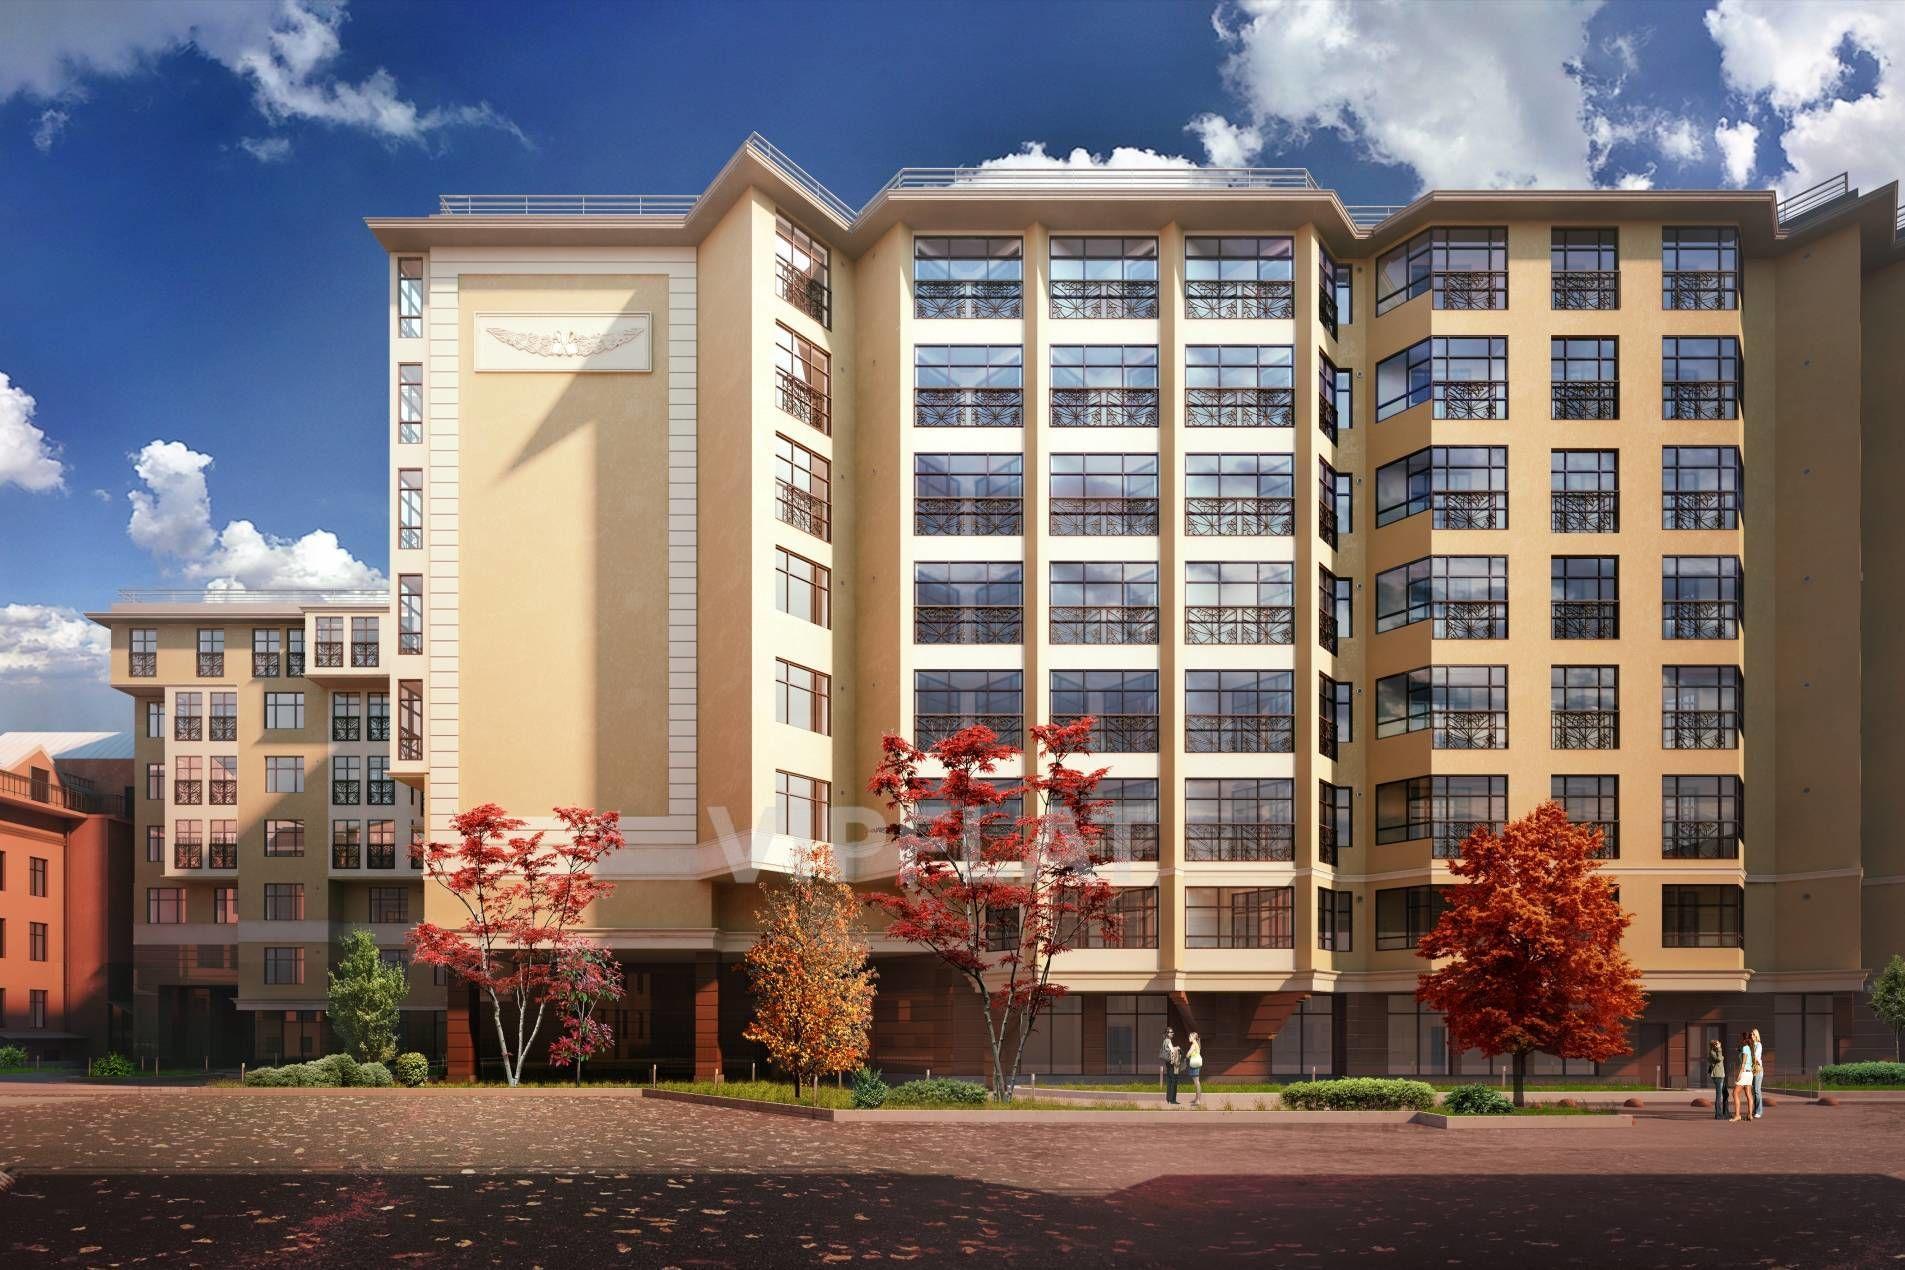 Продажа элитных квартир Санкт-Петербурга. Пионерская ул., 33 Огромные панорамные окна